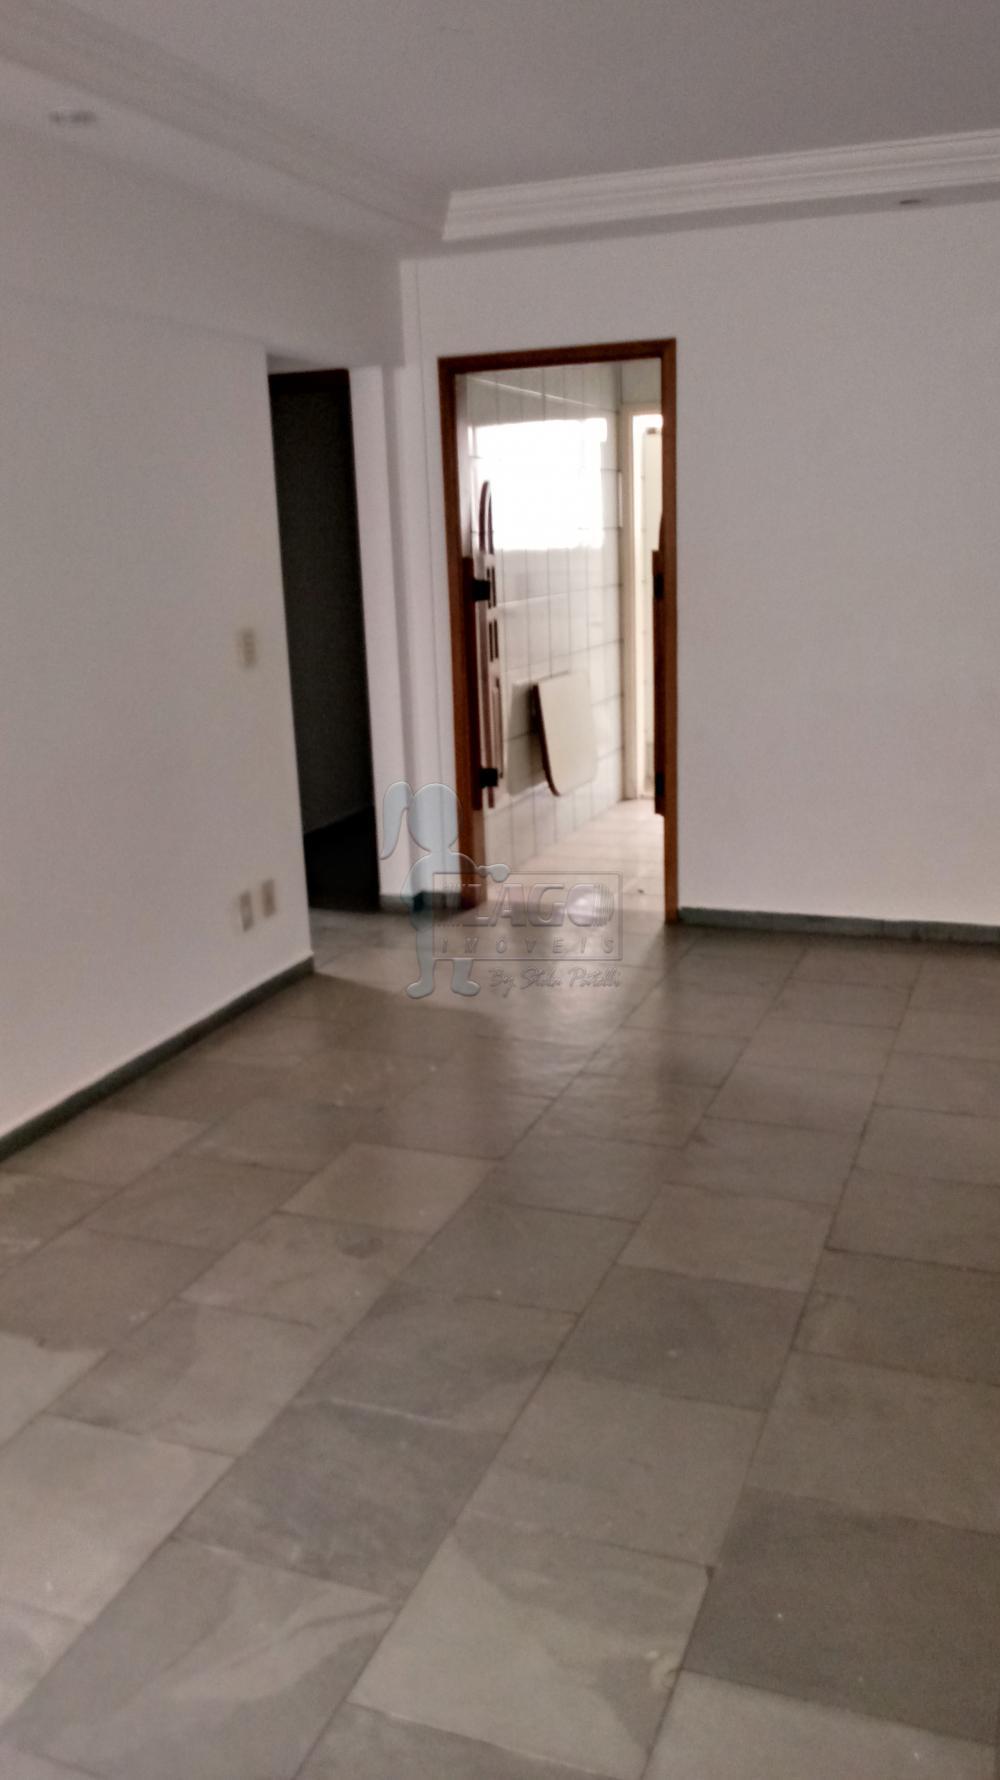 Comprar Apartamento / Padrão em Ribeirão Preto apenas R$ 230.000,00 - Foto 5